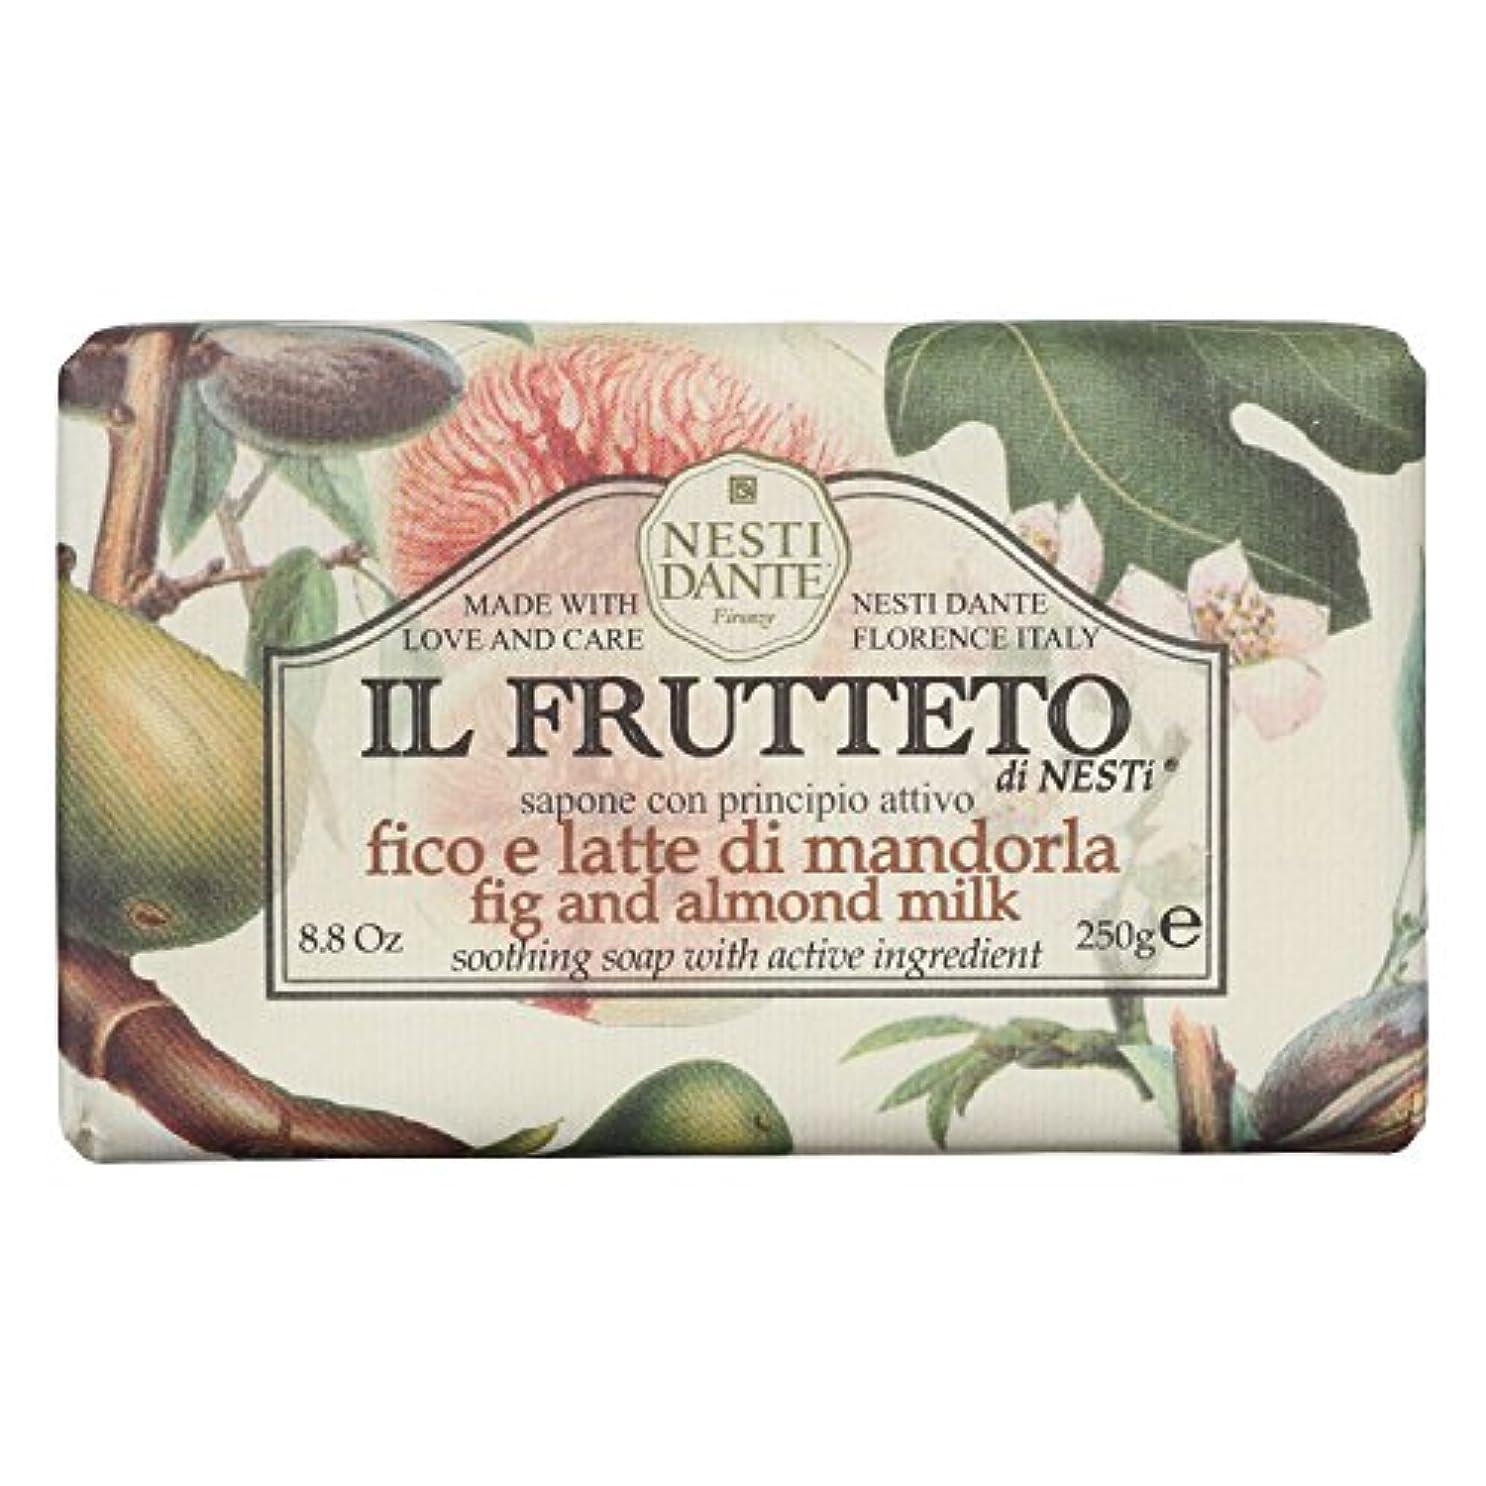 ピュー祭りアカデミックネスティダンテ (Nesti Dante) フルッテートソープ フィグ&アーモンドミルク 250g